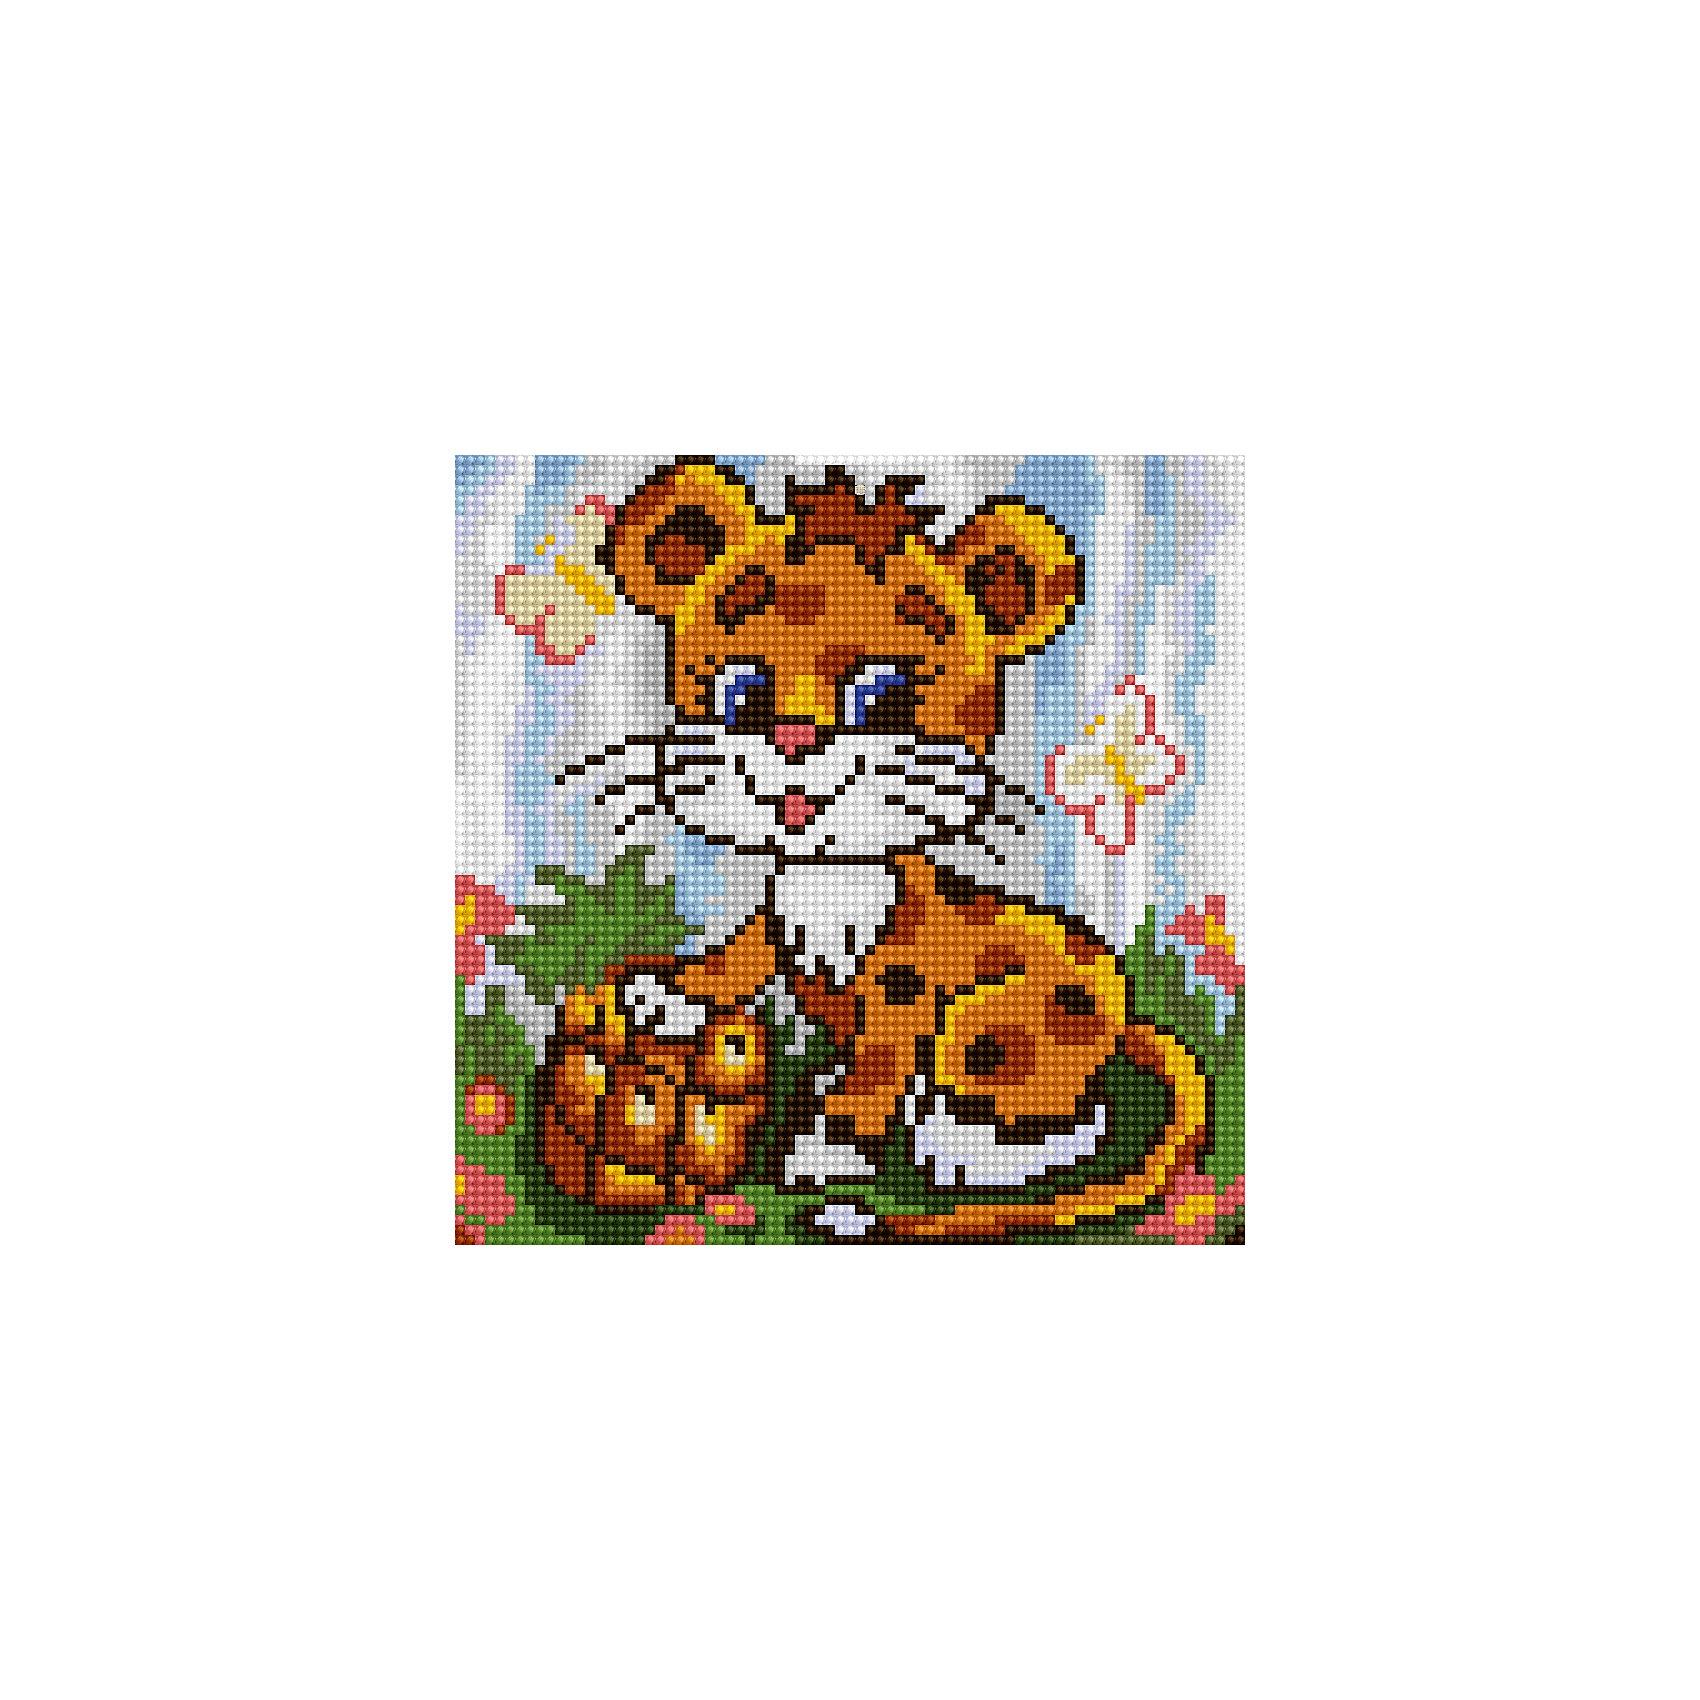 Schreiber Алмазная мозаика по номерами Маленький леопард 20*20 см наборы для поделок цветной алмазная мозаика леопард